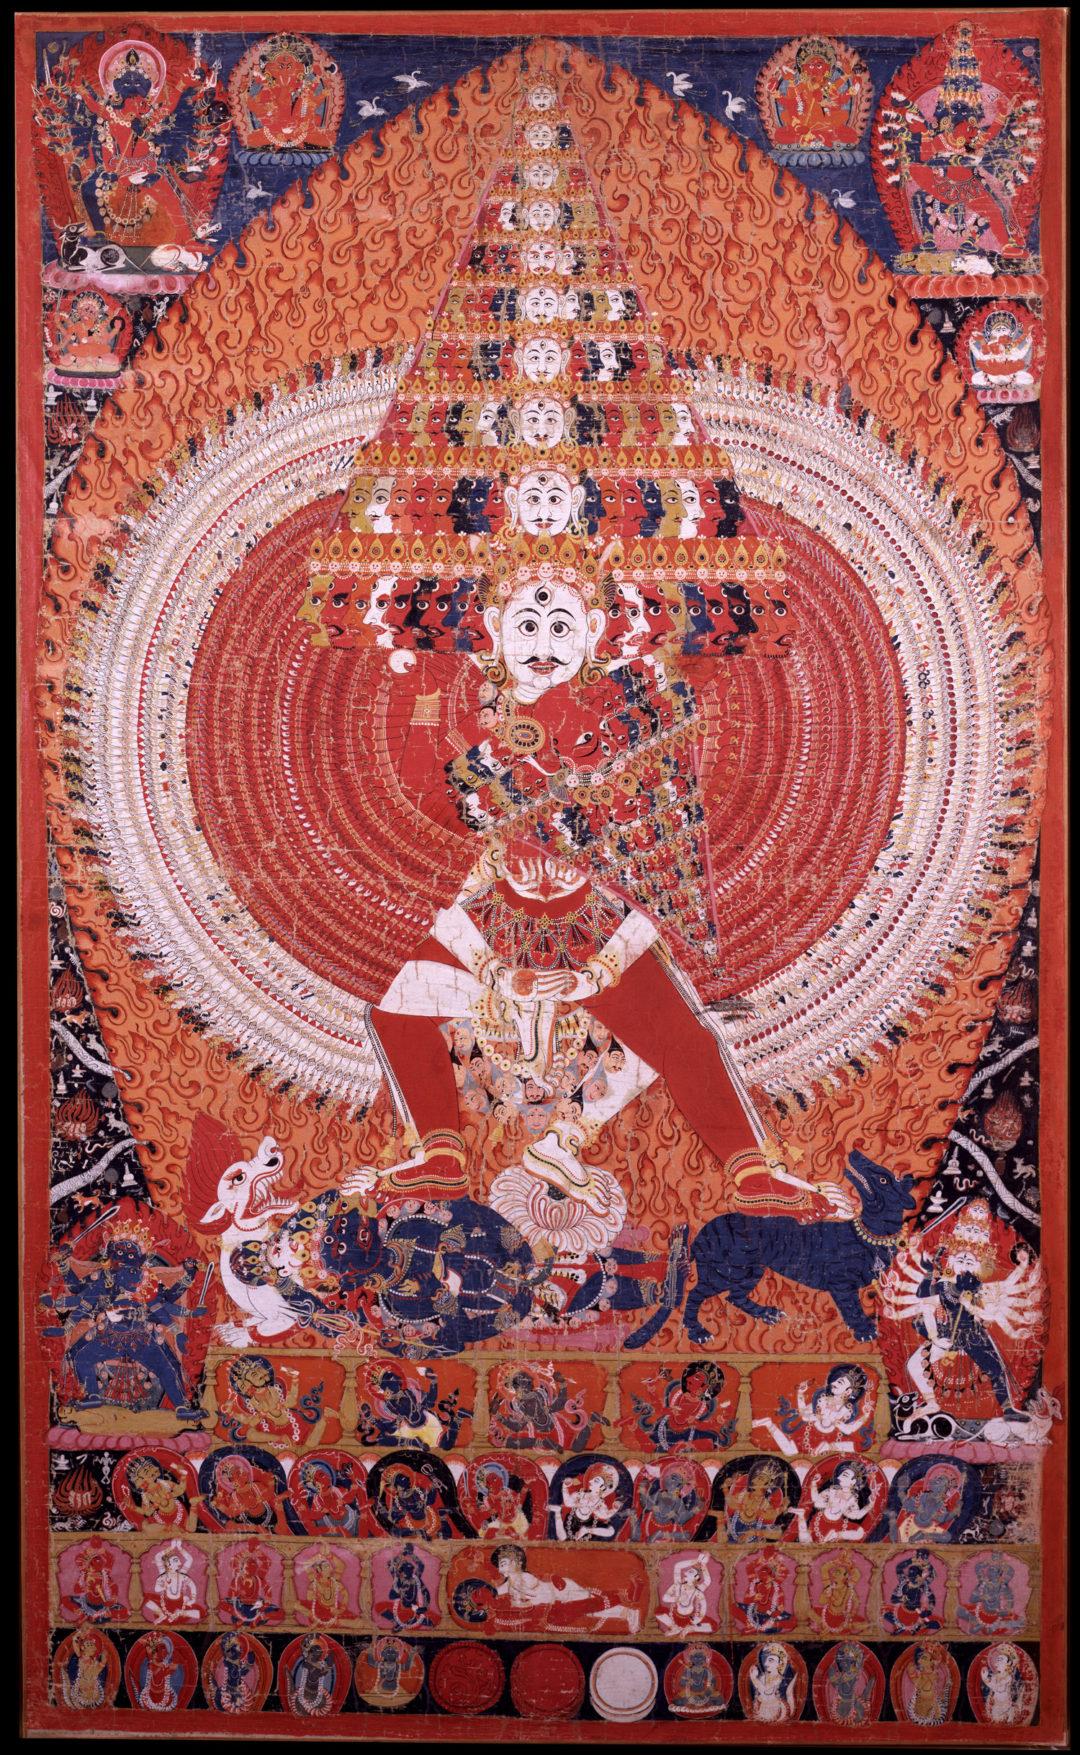 Sarah Walker on Shiva Vishvarupa